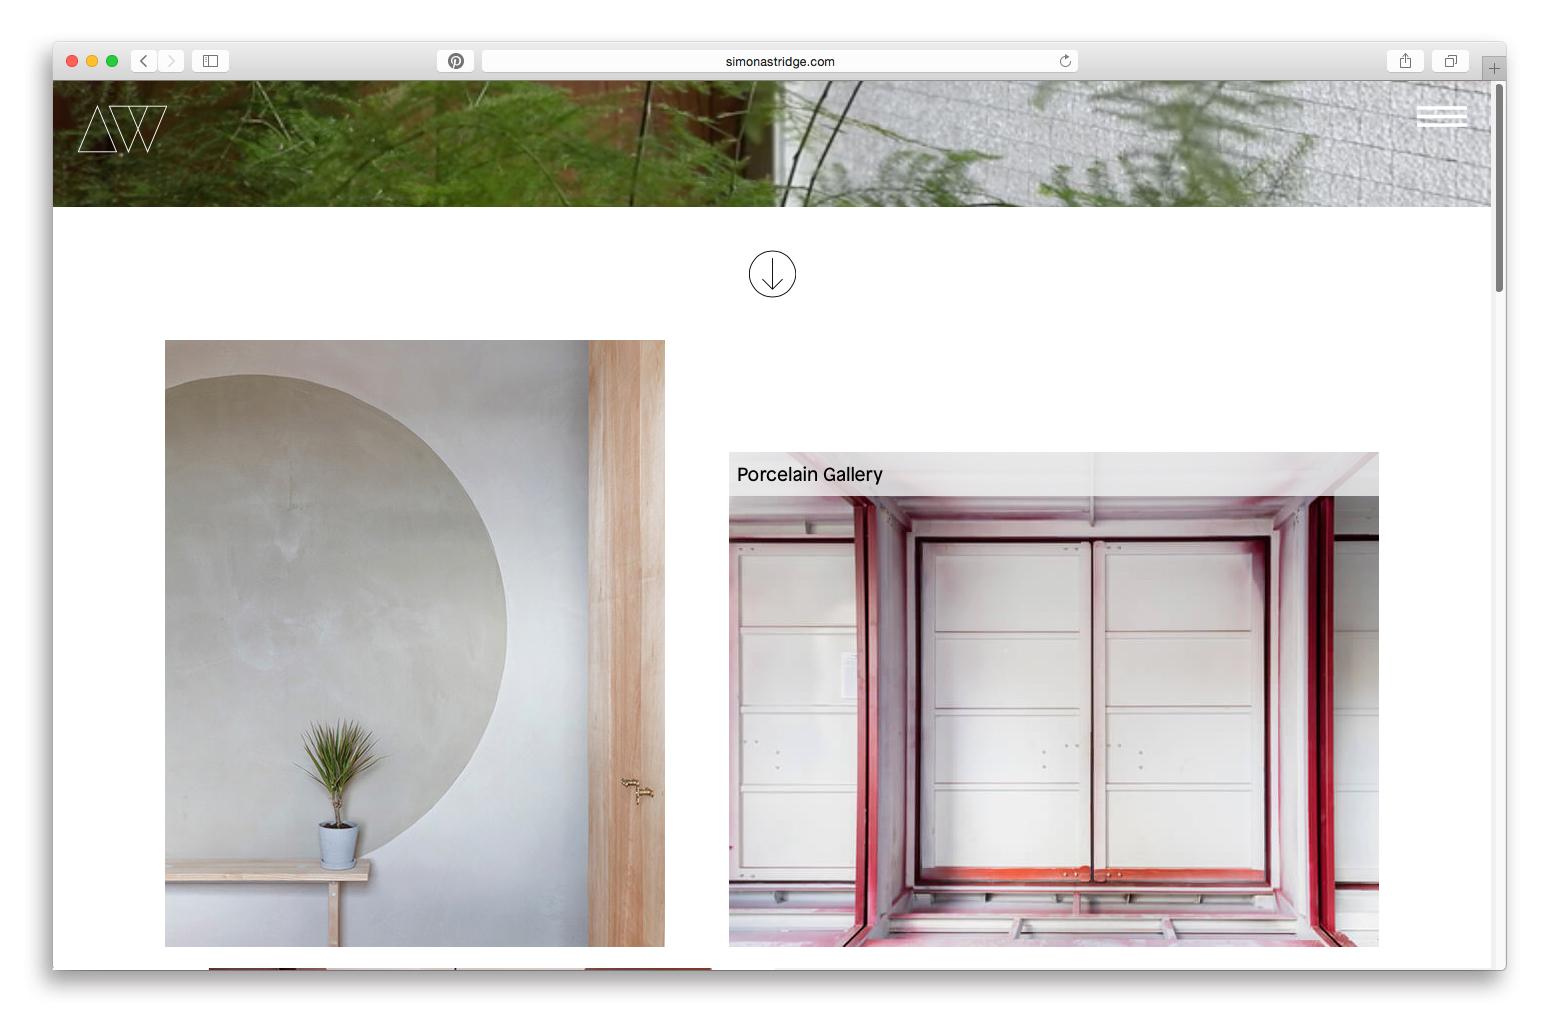 Simon-Astridge-Website-Richard-Grainger-2